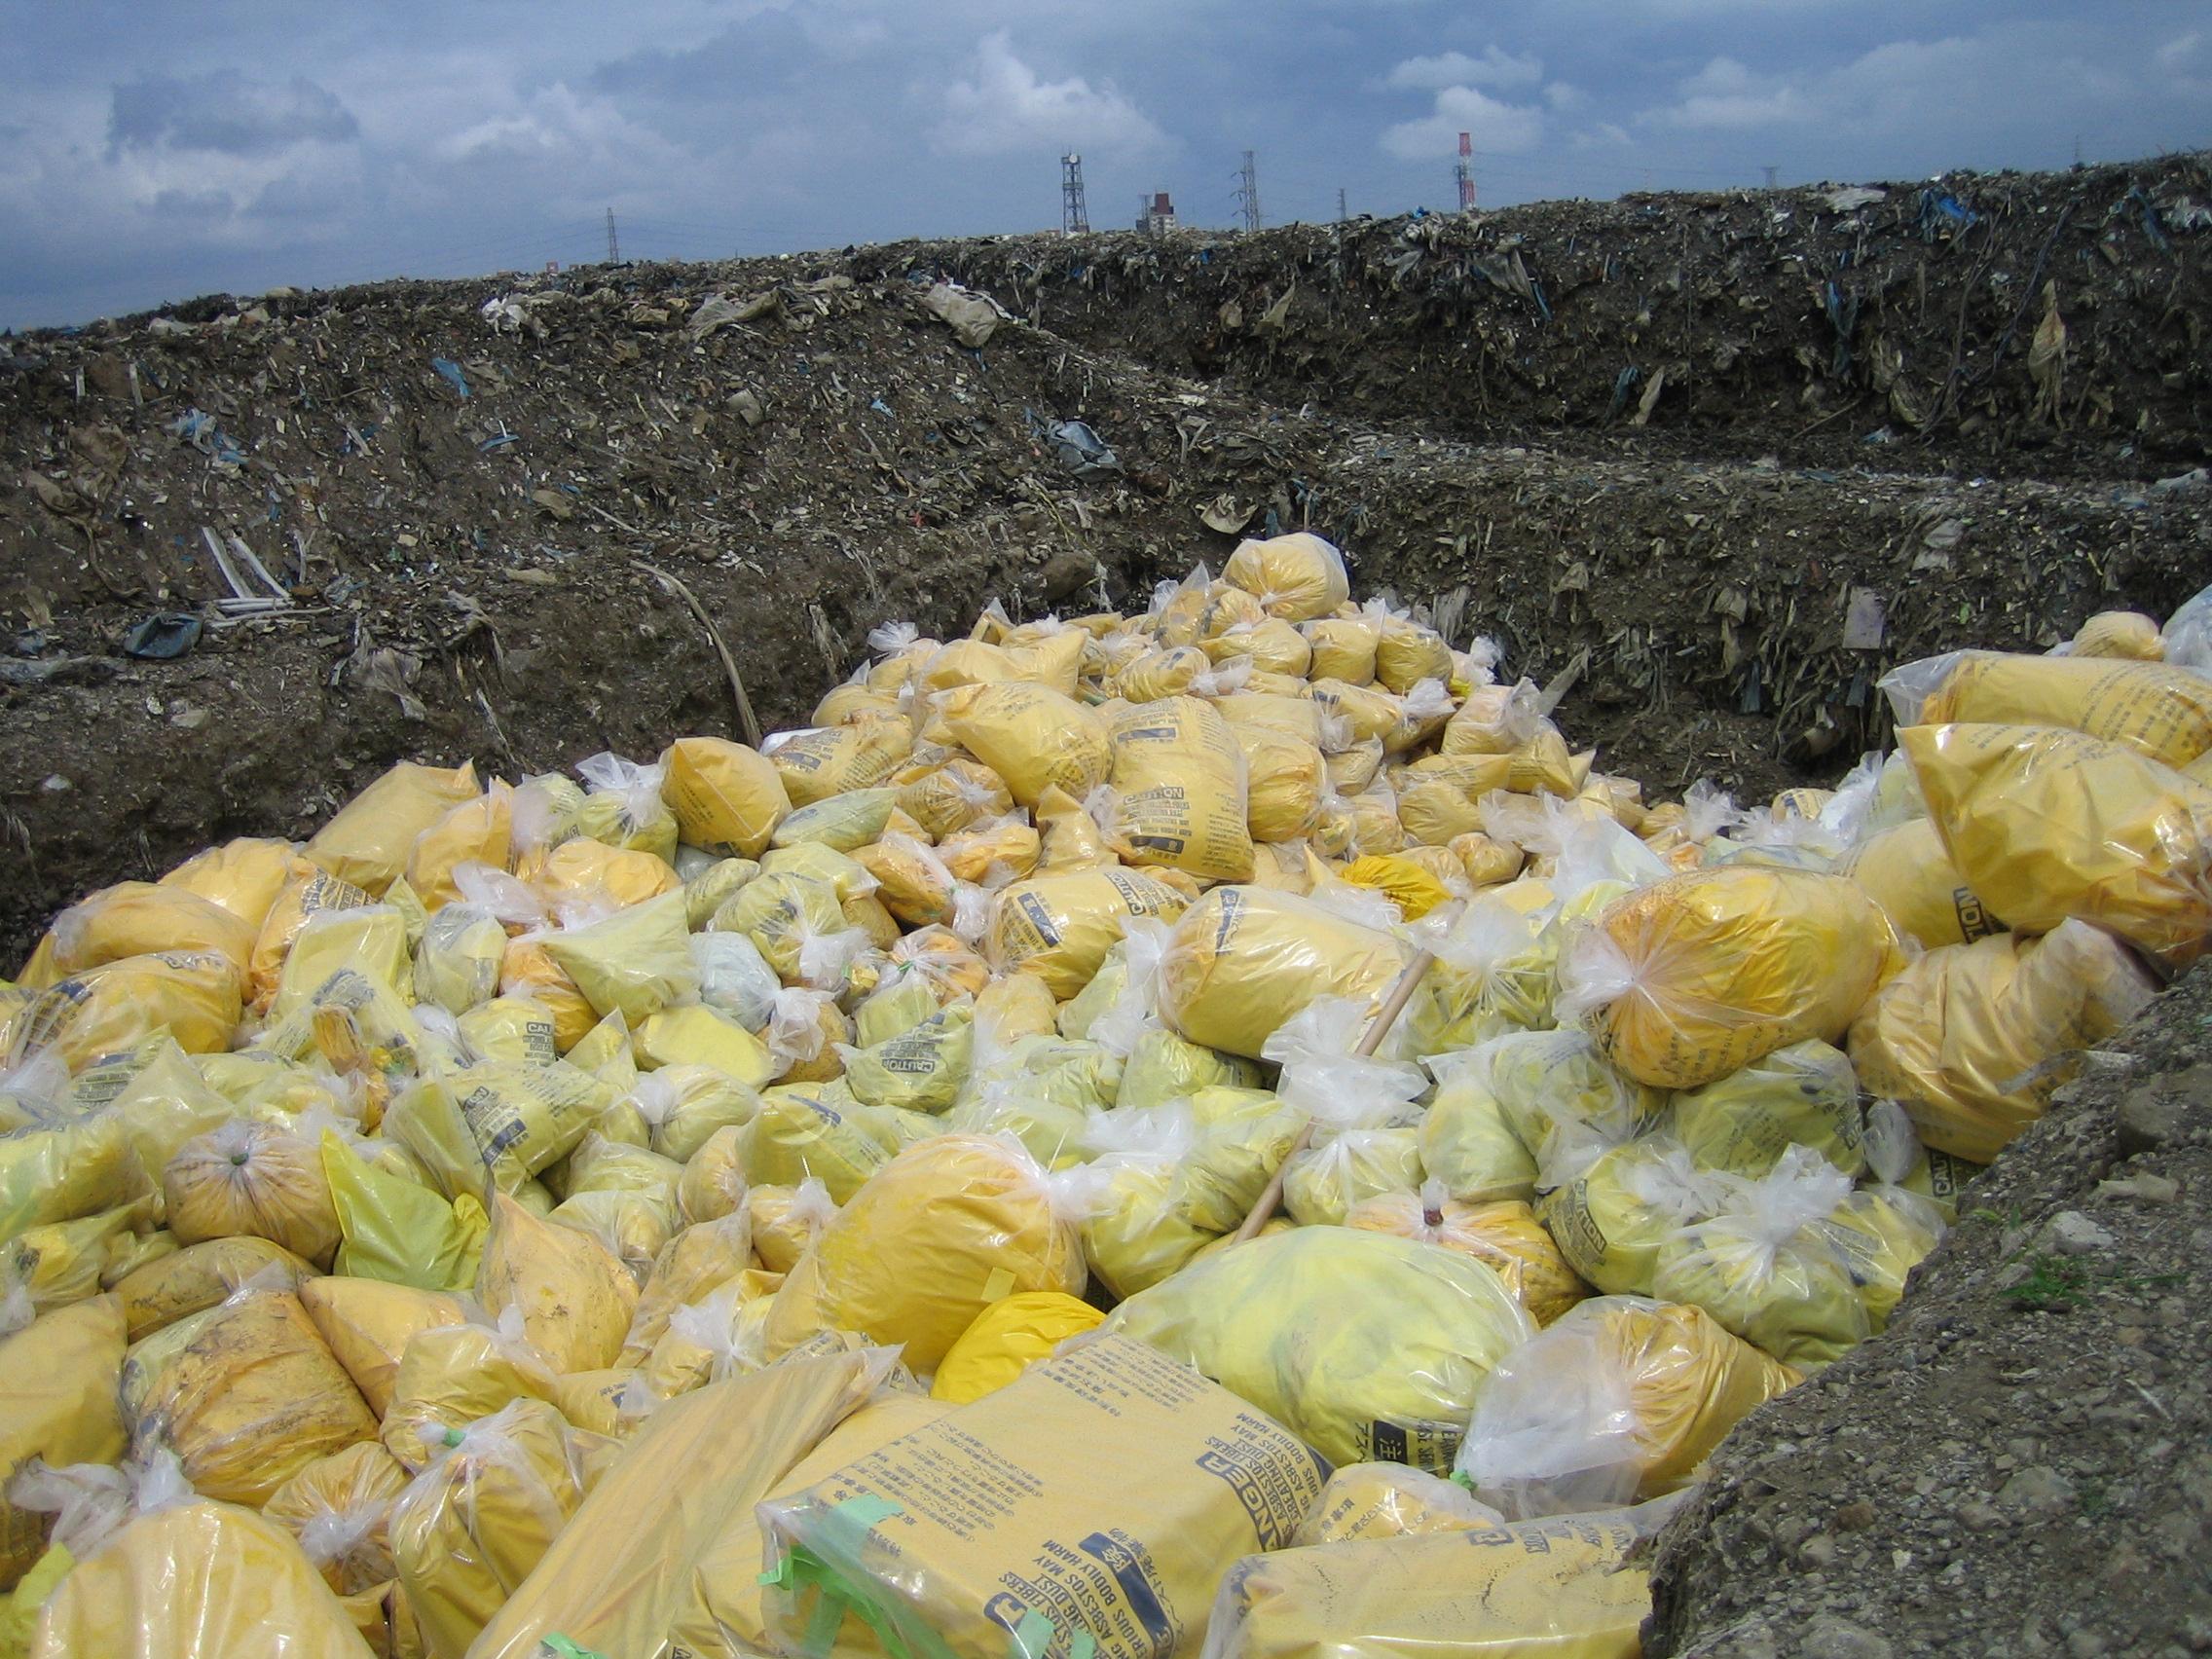 廃石綿またはアスベスト含有廃棄物を適正に処分いたします。機械の内部に使用されているアスベスト含有使用機械機器もお任せください1